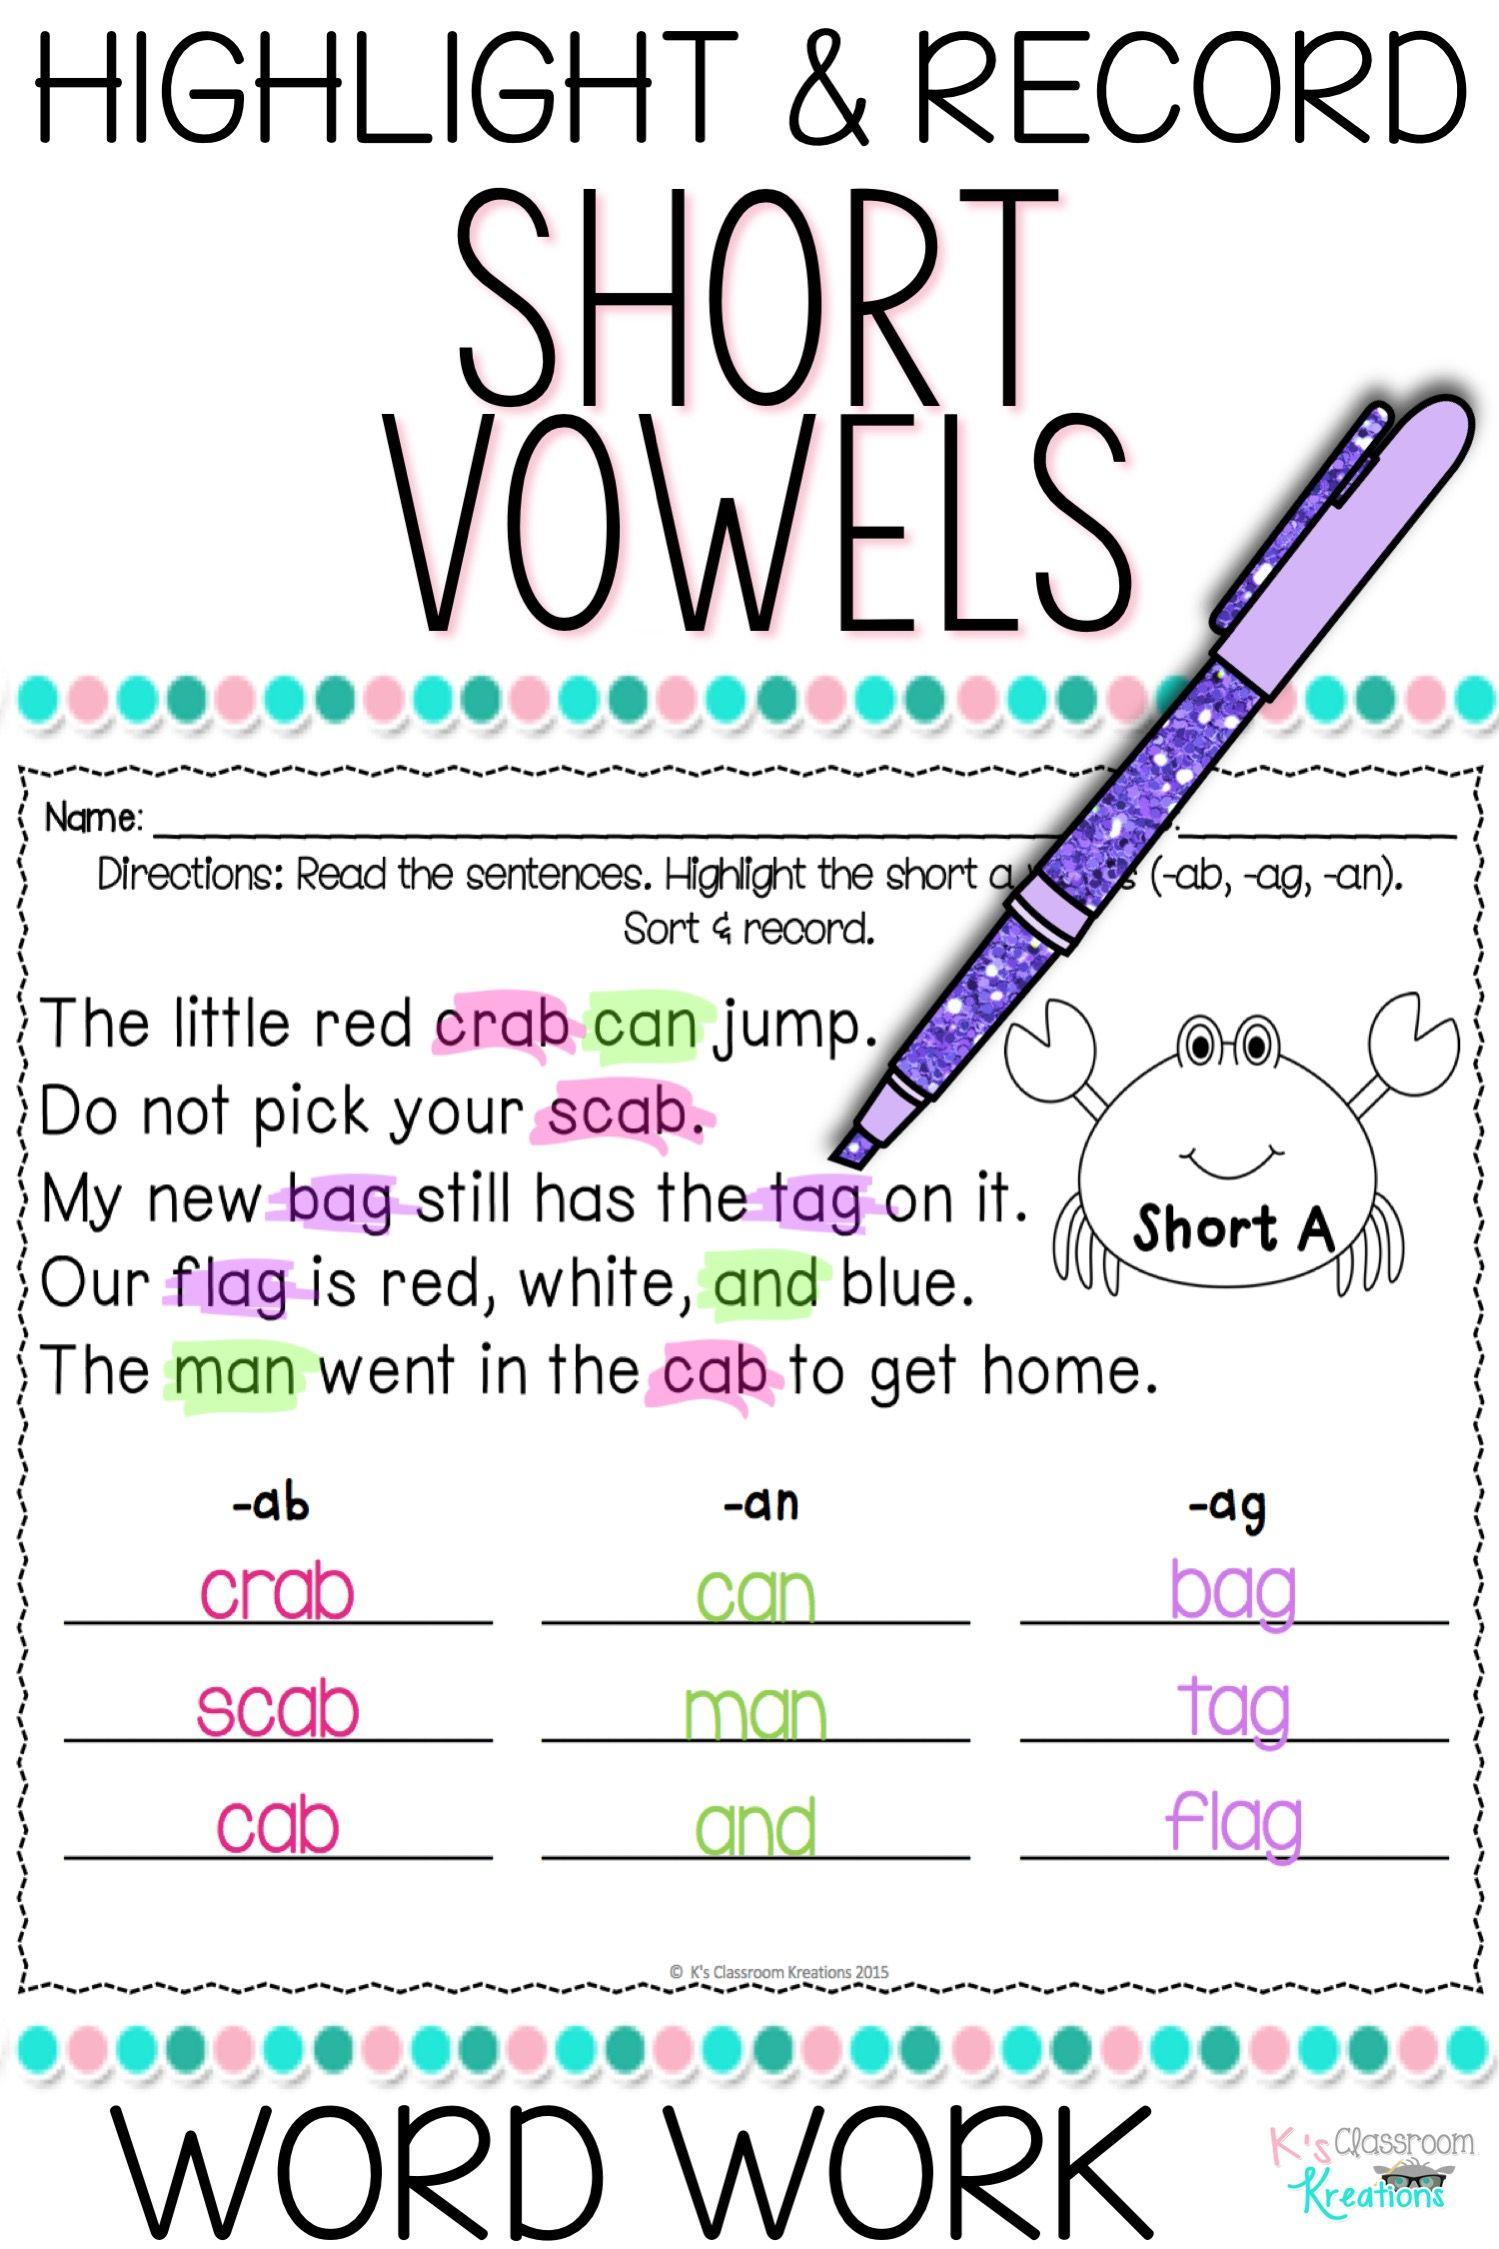 Short Vowel Spelling Practice Word Work Printables Phonics Worksheets Cvc Word Families [ 2249 x 1499 Pixel ]